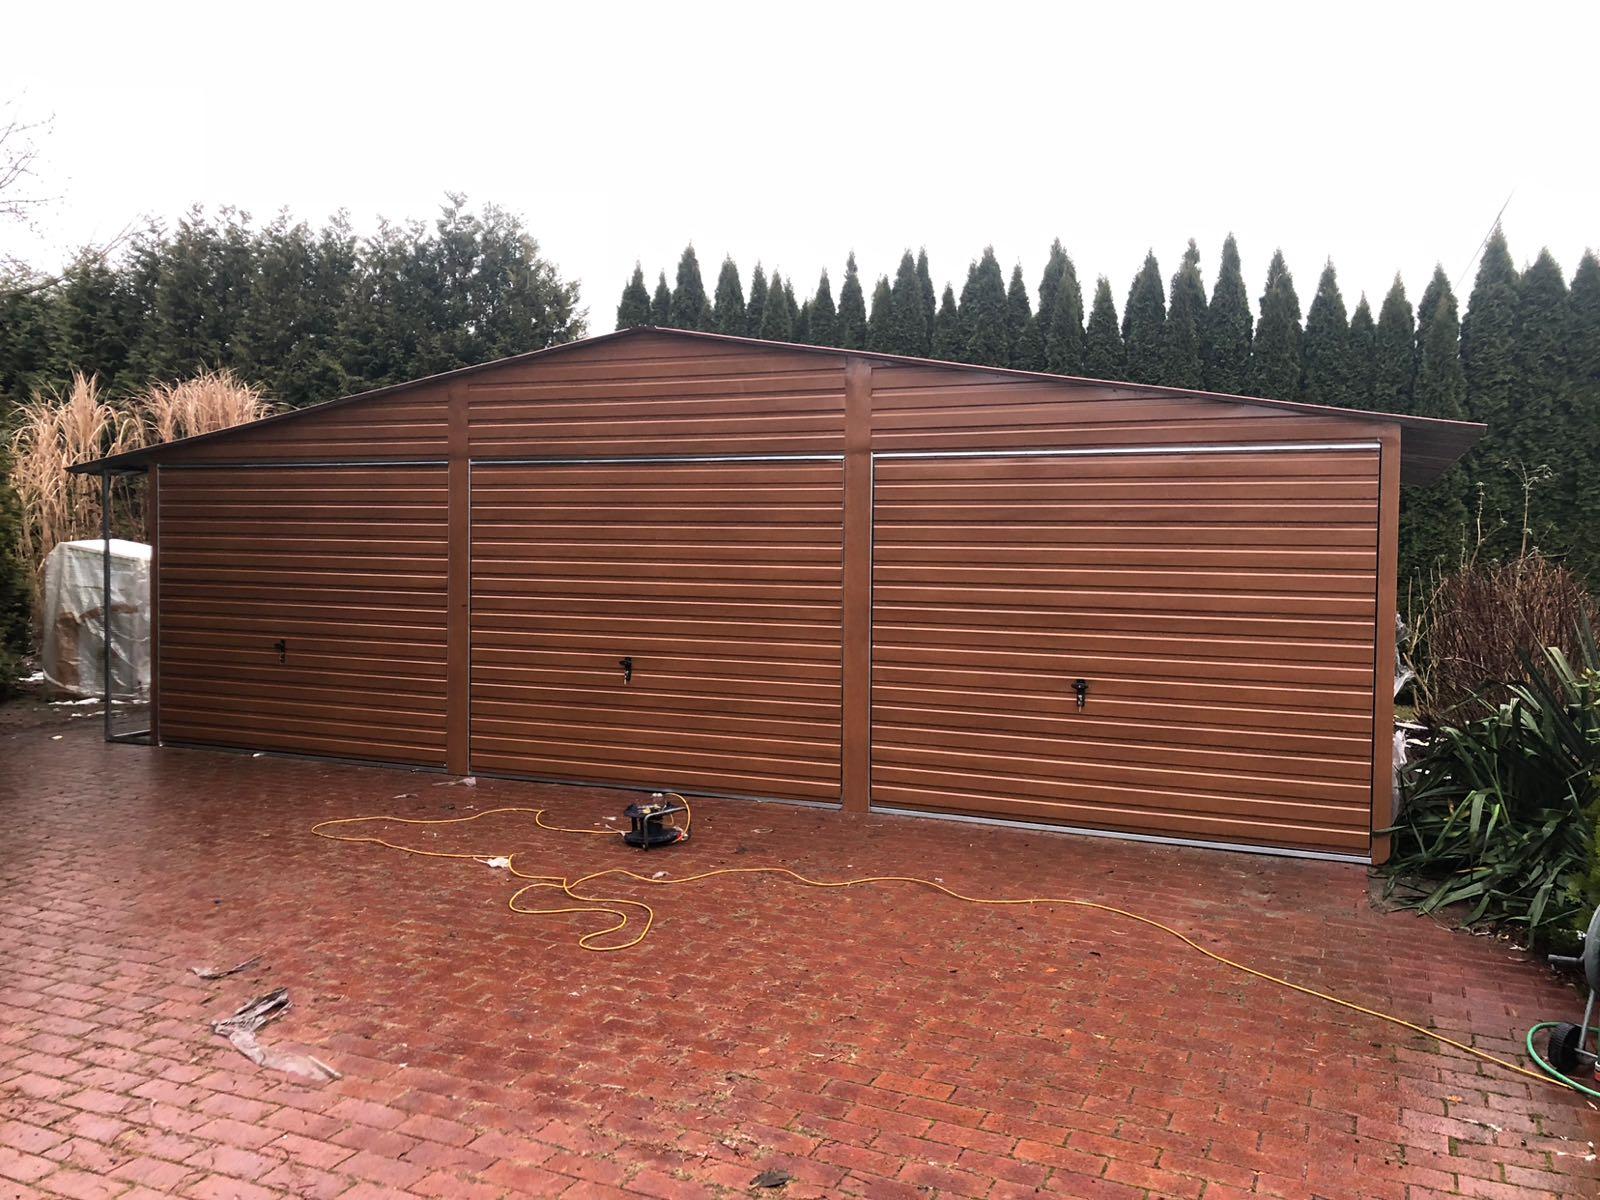 Garaż Blaszany Drewnopodobny 9x6 Złoty Dąb Orzech 7265852103